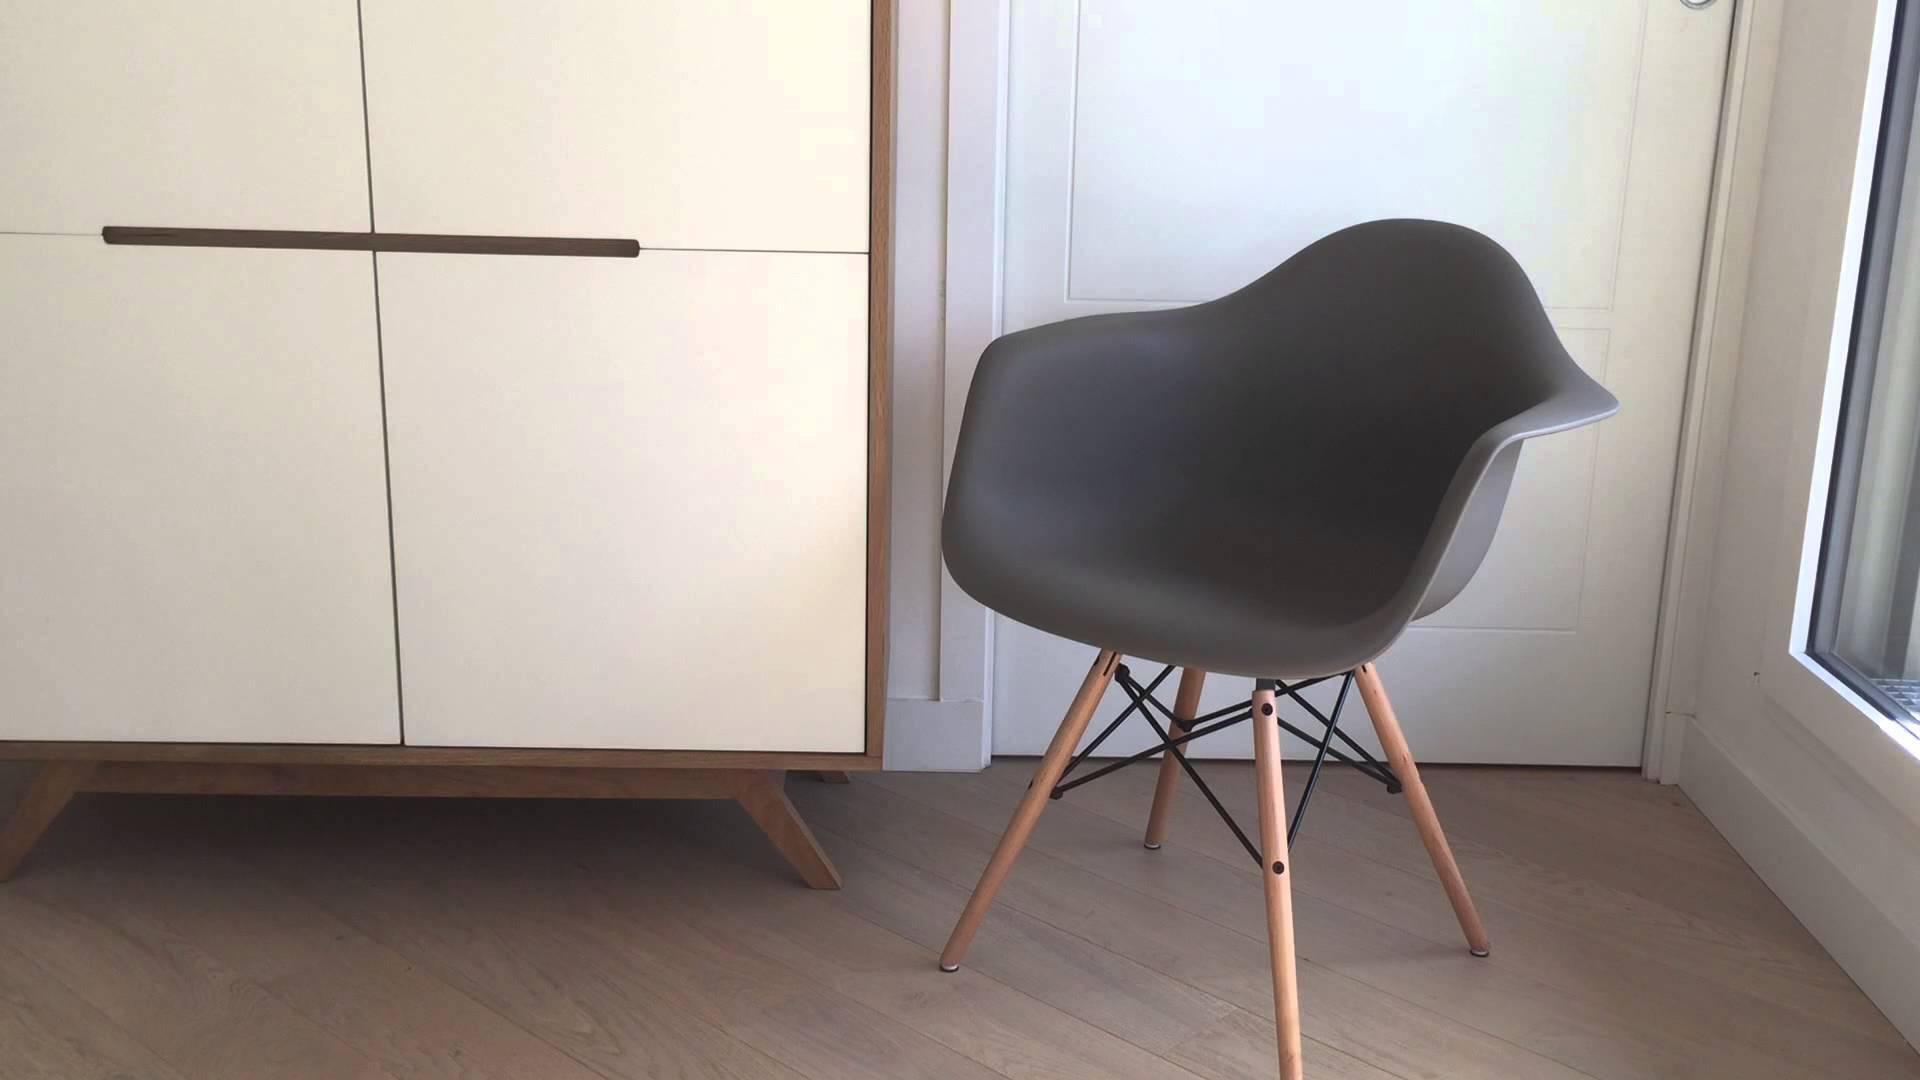 [Video] Review de la chaise DAW commandée sur Chaiseprivee.fr